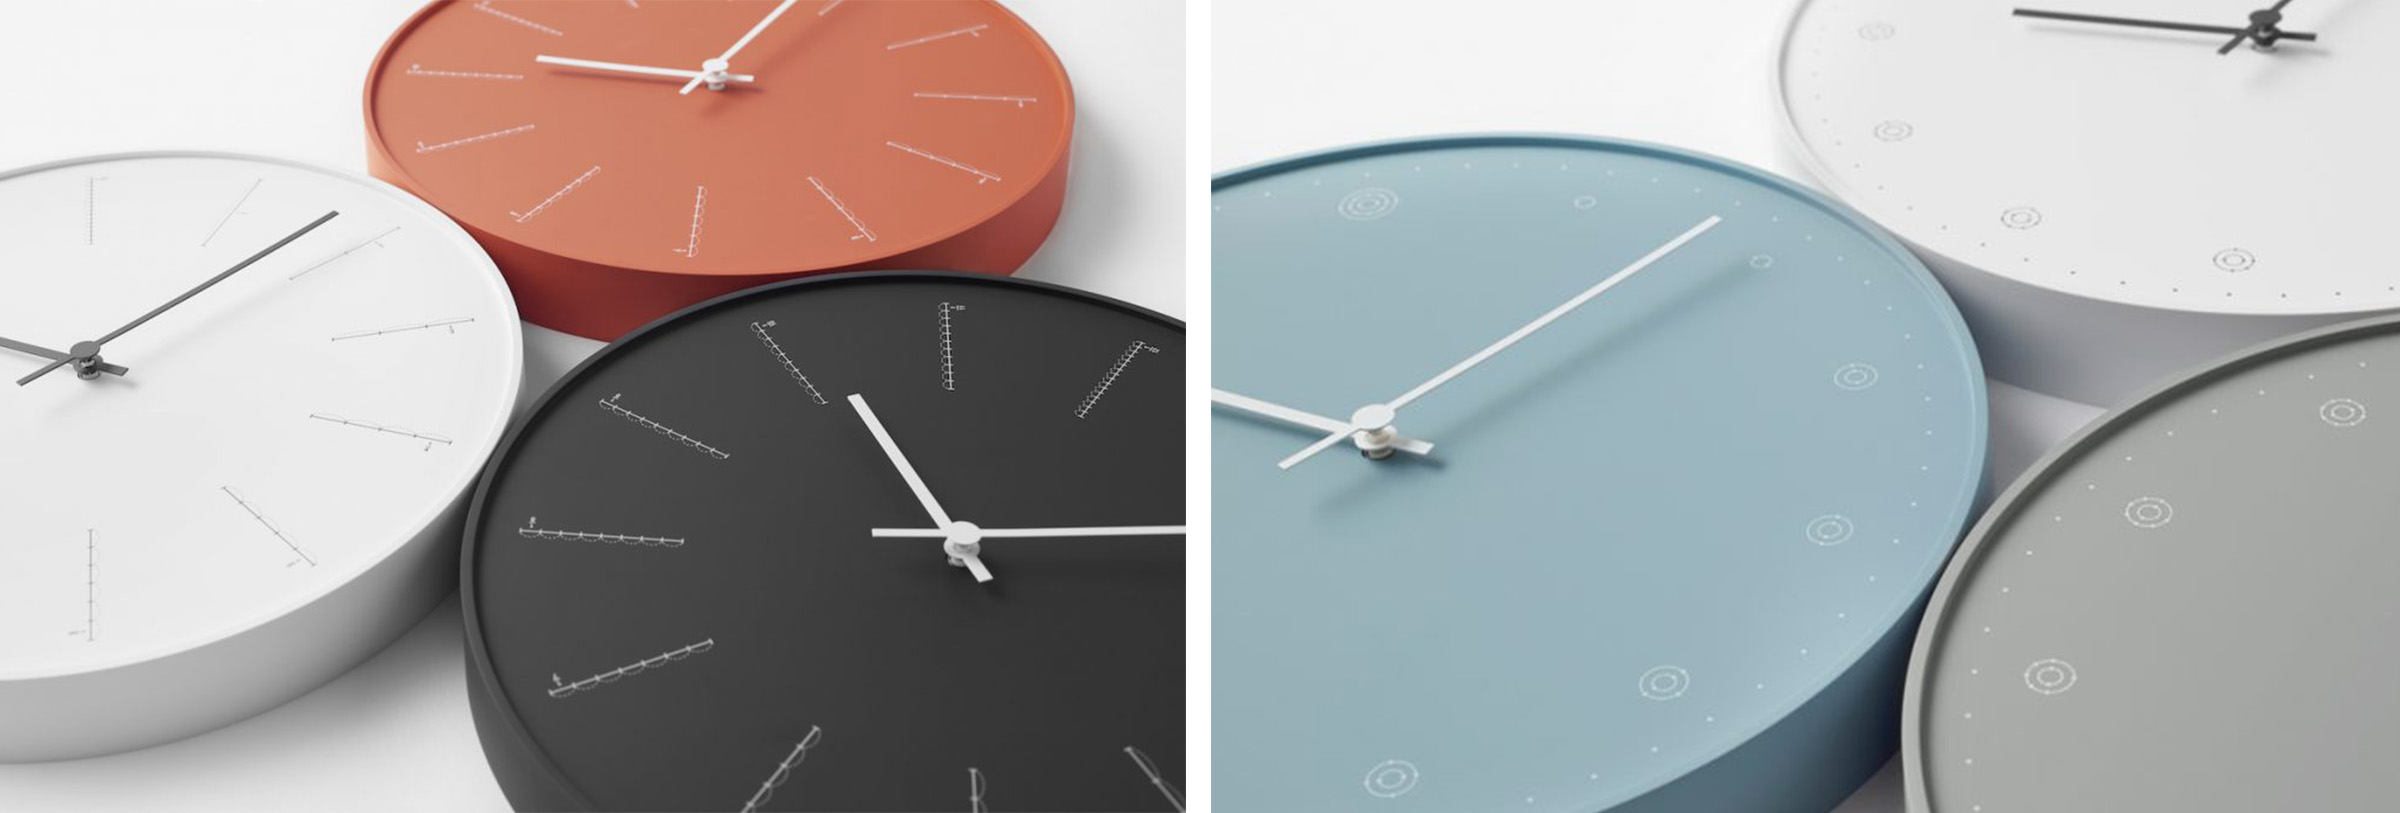 Wanduhr modern hochwertig online kaufen satamo - Wohnzimmeruhr modern ...